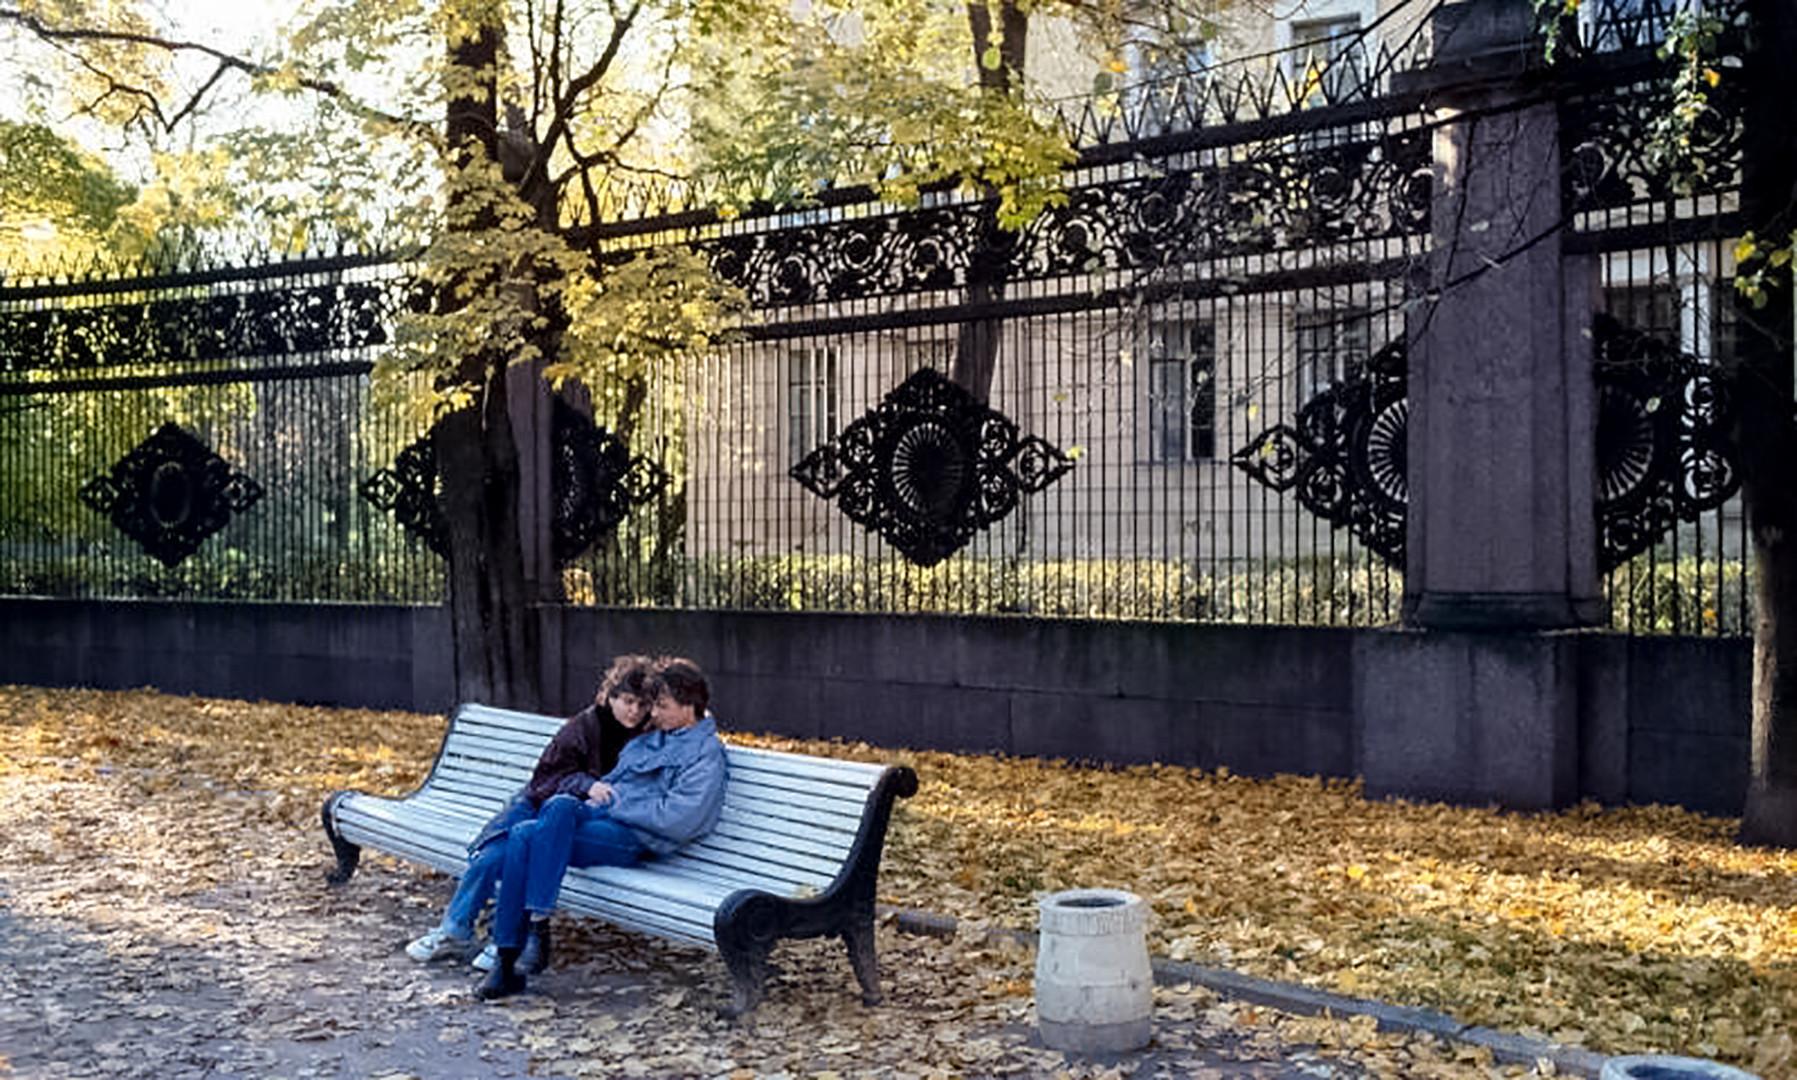 Заљубљени у парку.